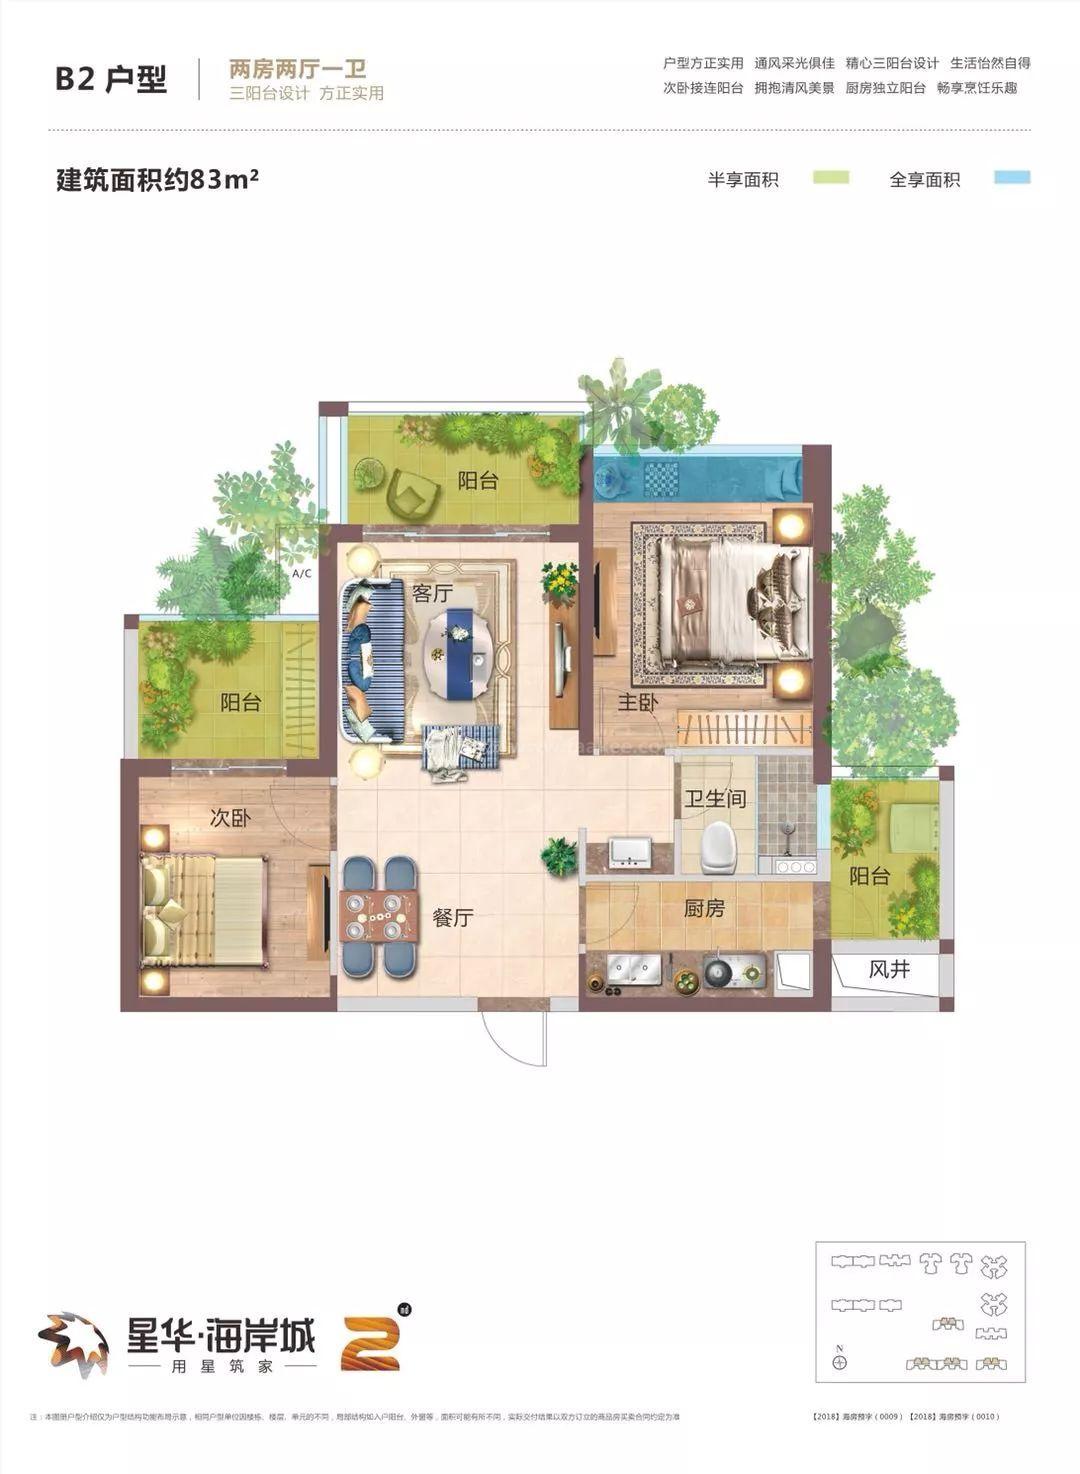 二期B2户型 2室2厅1卫1厨 建筑面积:83.00㎡